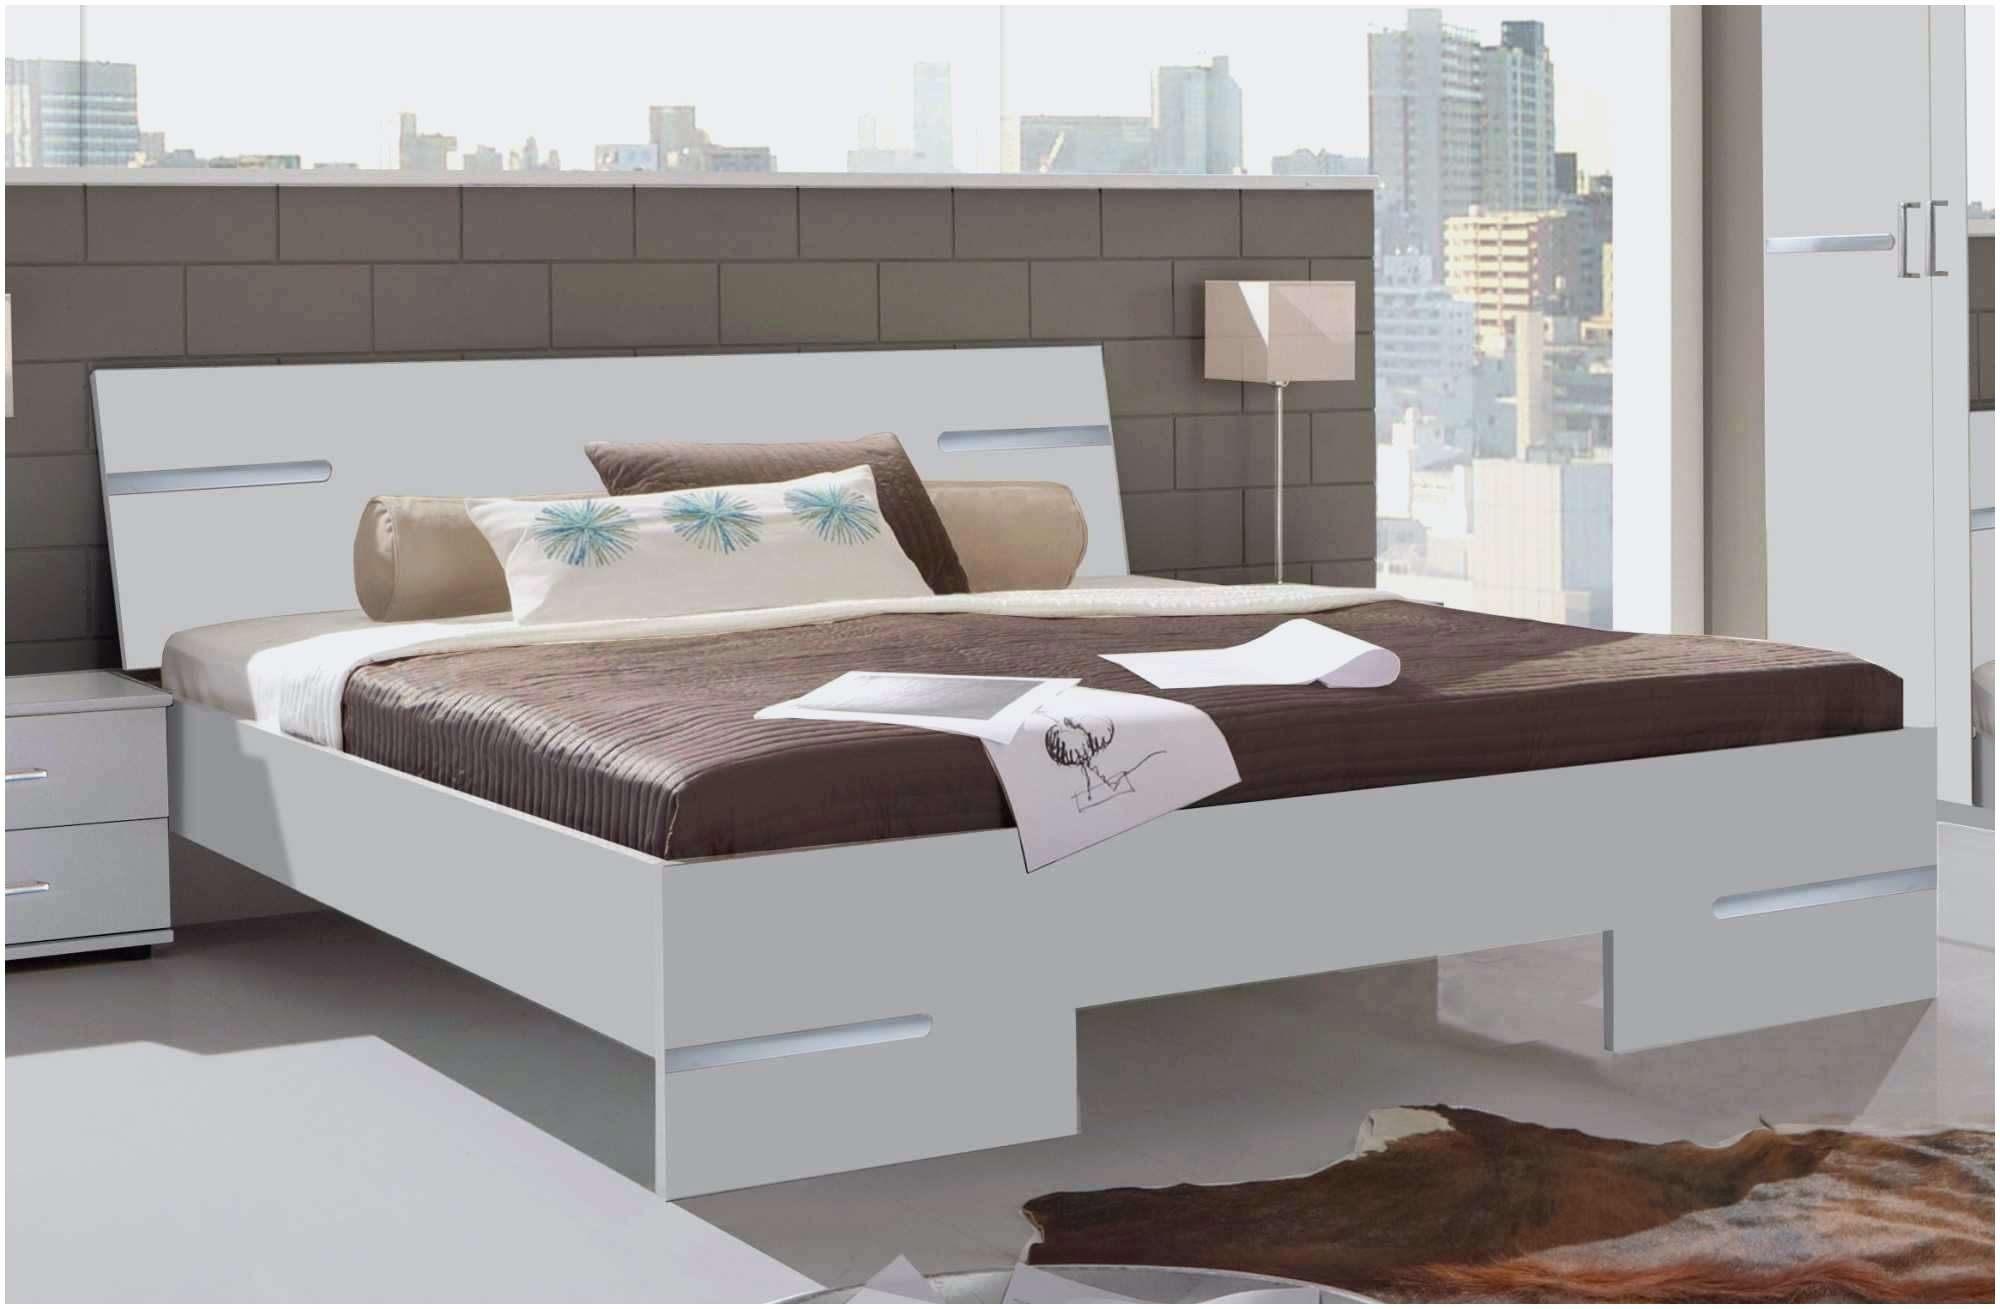 Alinea Canape Lit Charmant Unique Table Relevable Ikea Luxe Lit Relevable Ikea Meilleur De